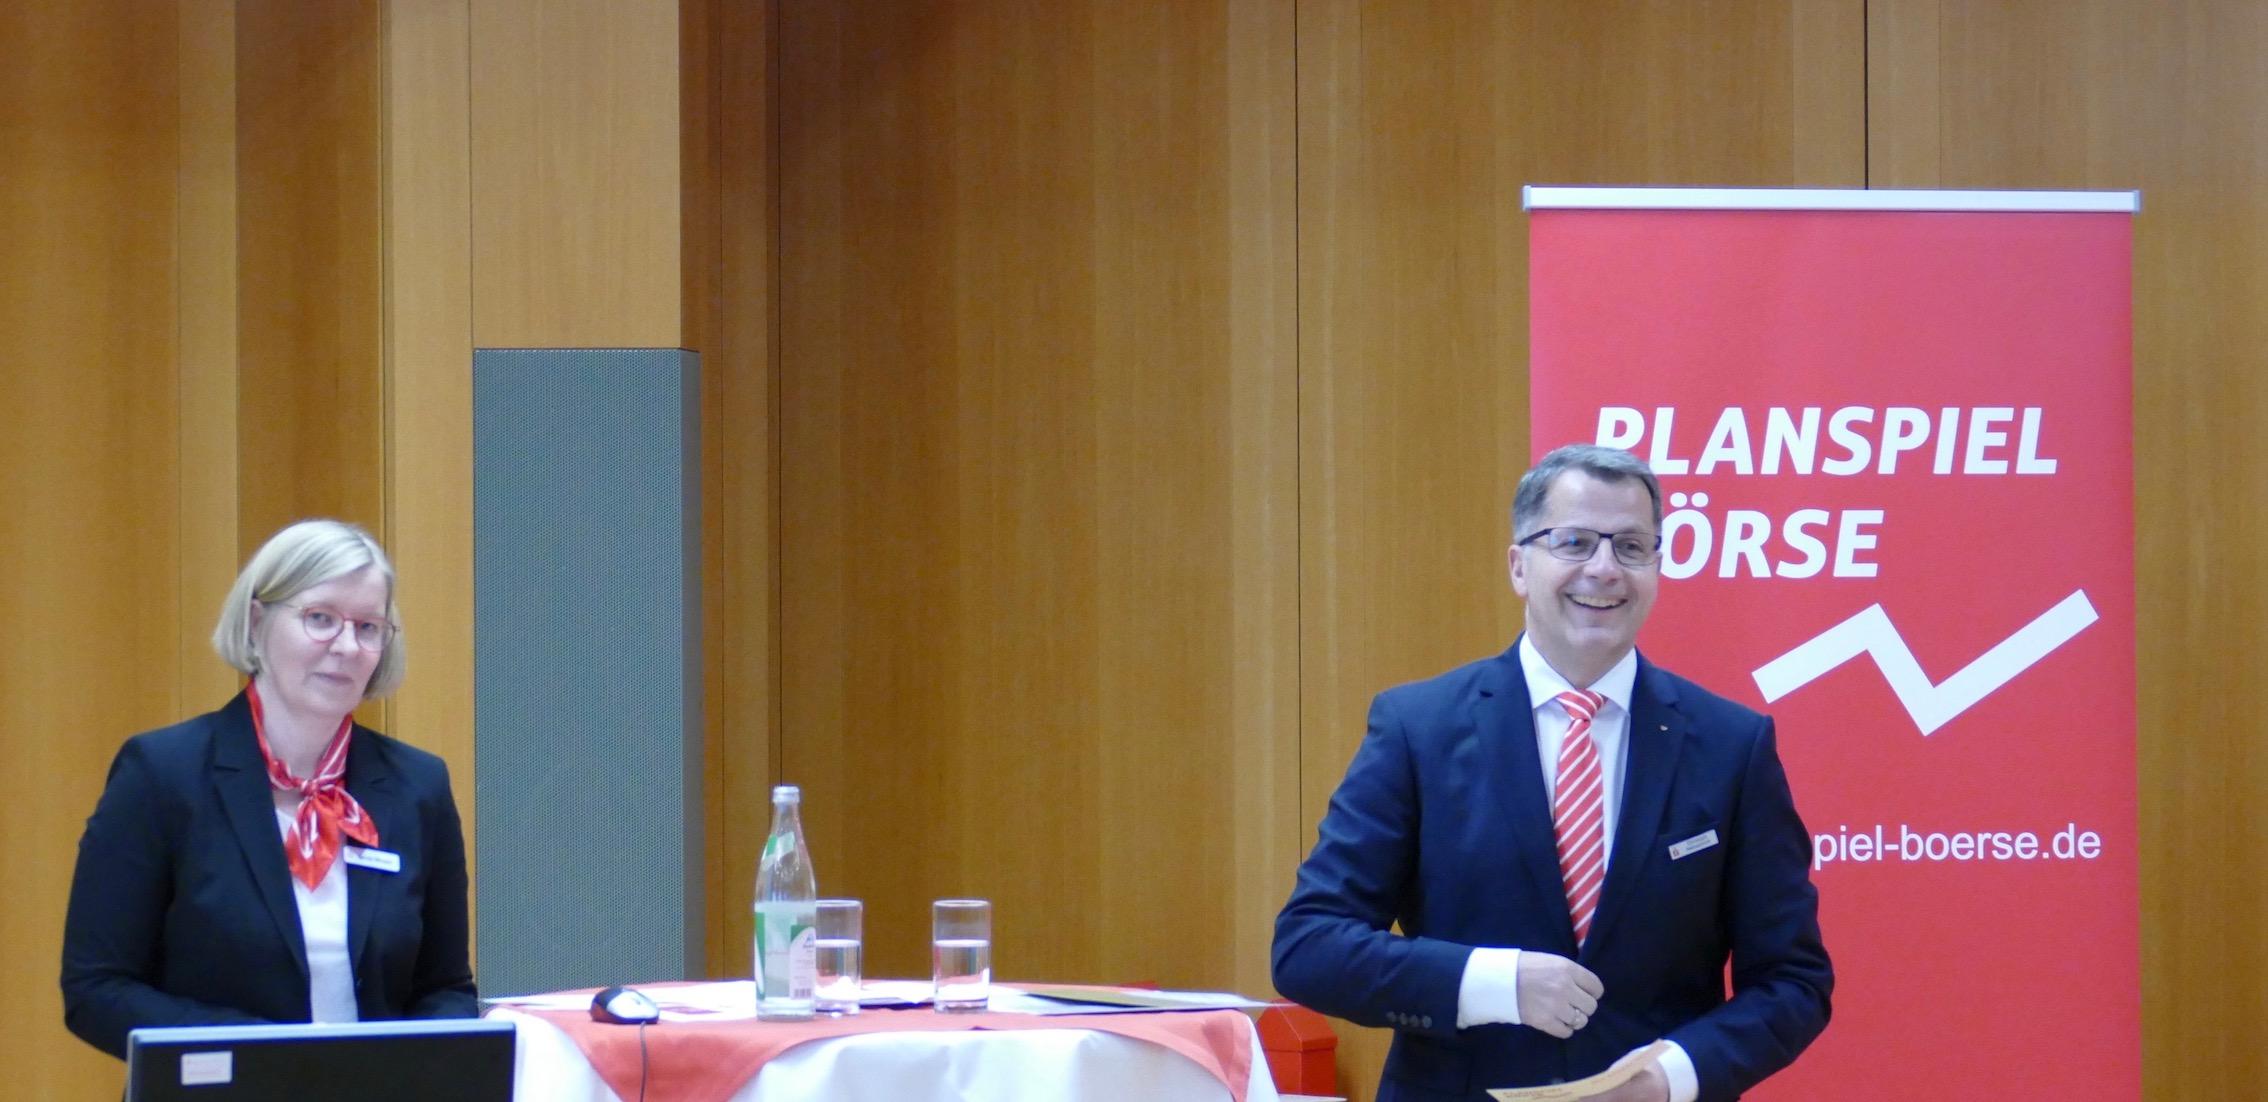 Vorstand Christoph Helmschrott bei der spannenden Verkündigung wer das Planspiel Börse 2017 gewonnen hat.